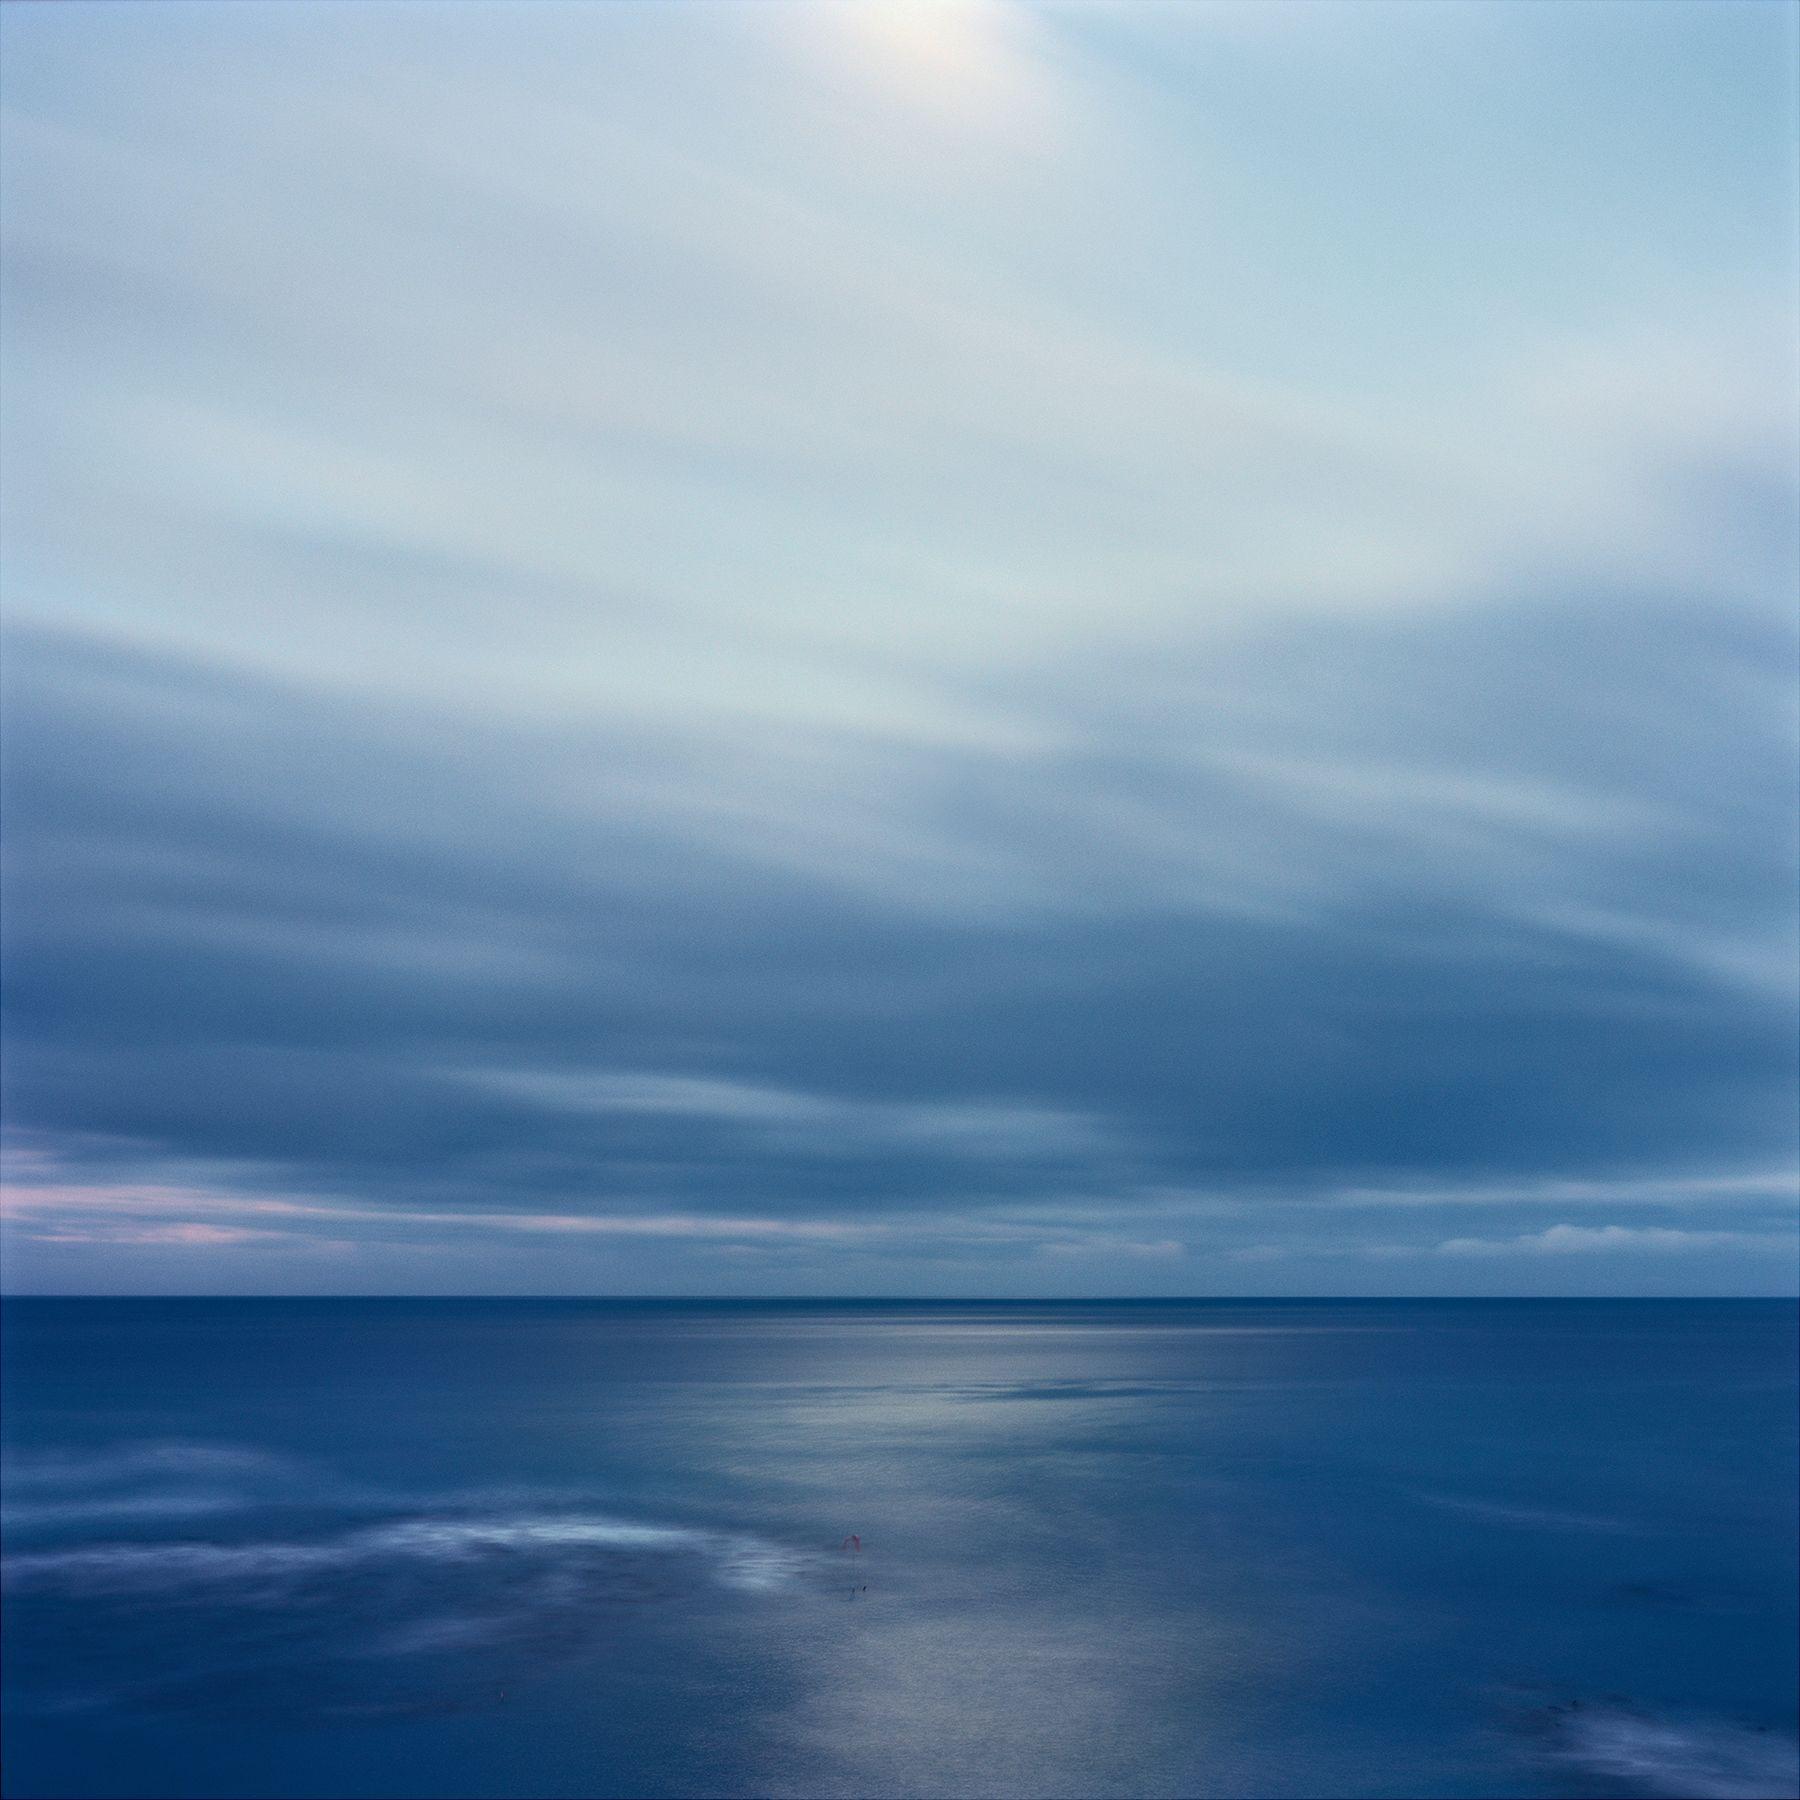 Oceanscape 6-18-2015, Archival Pigment Print